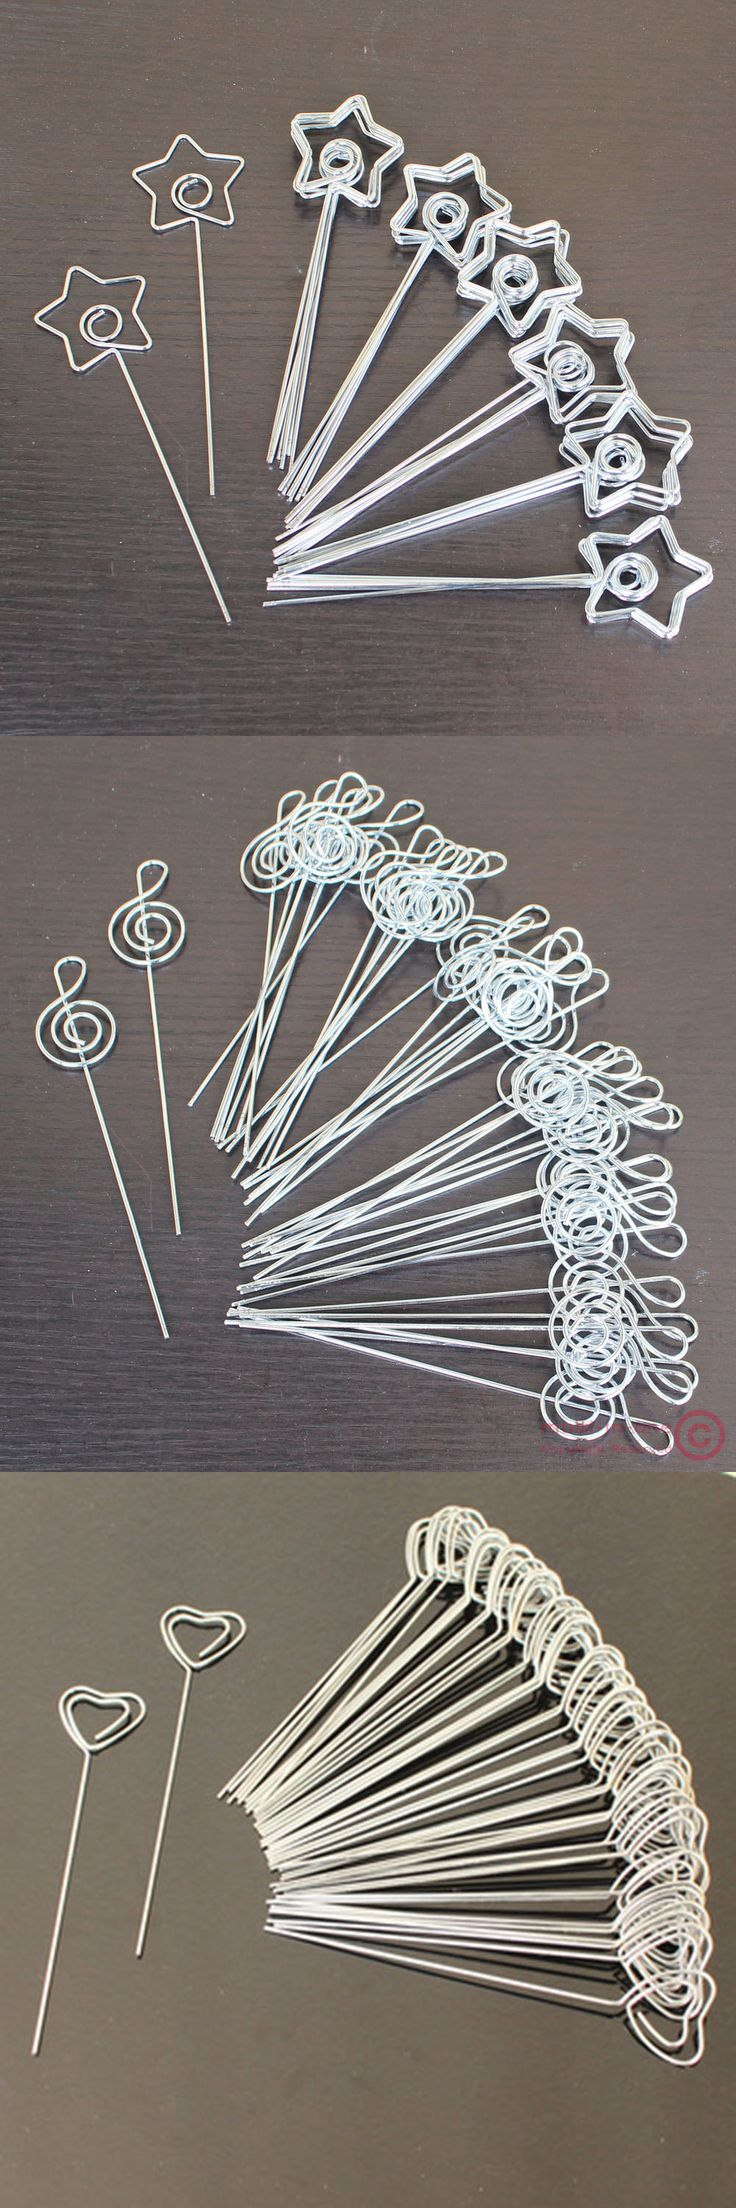 Hacer formas con alambre.